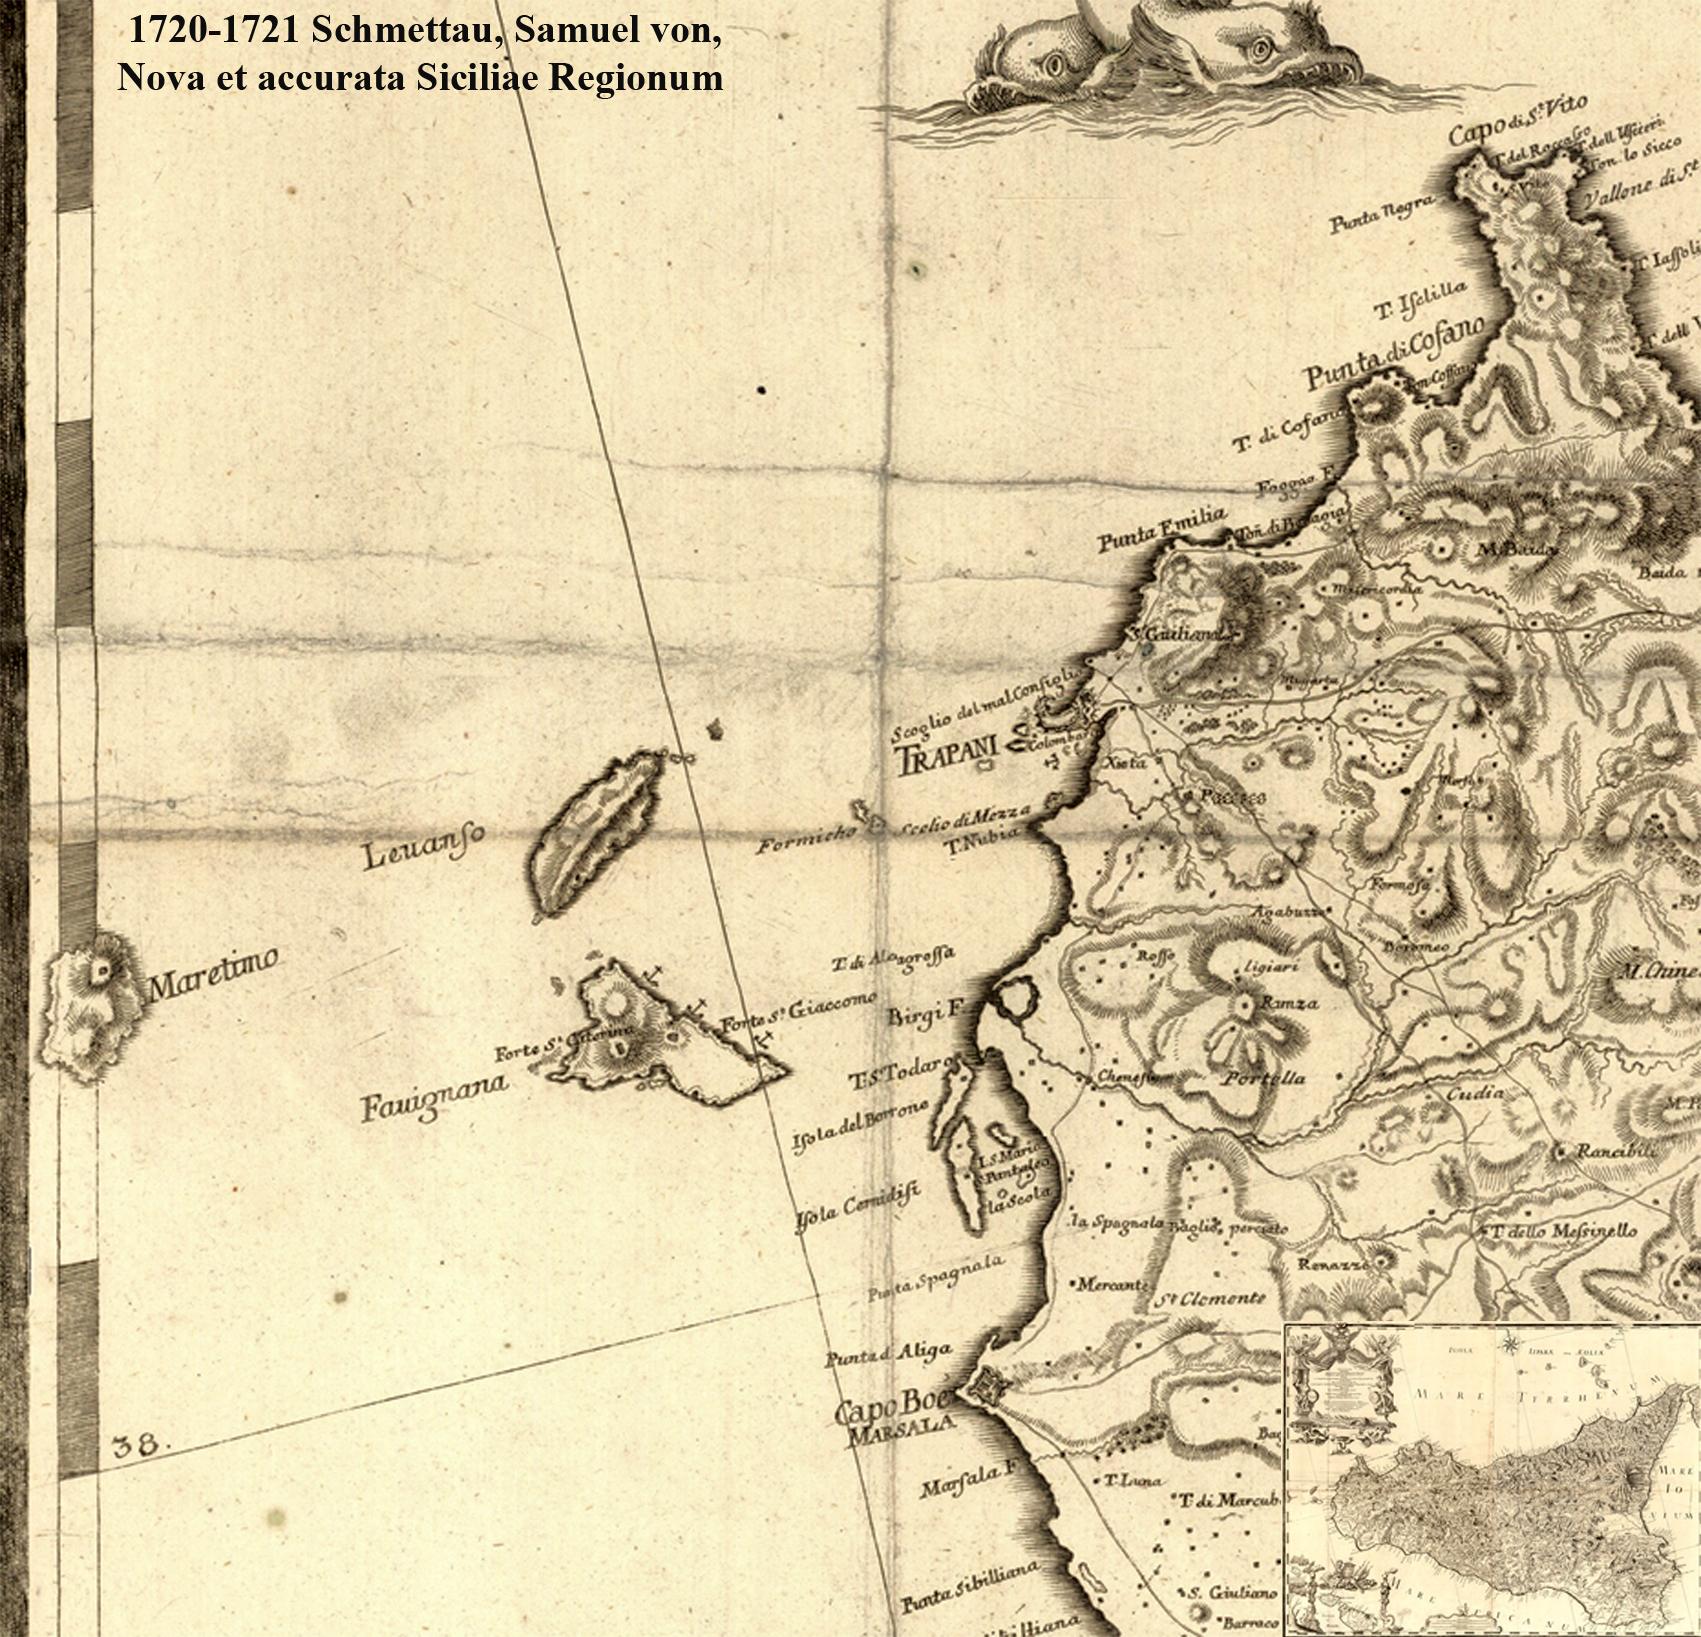 foto Nova et accurata Siciliae Regionum, Urbium, Castellorum, Pagorum Montium, Syl...